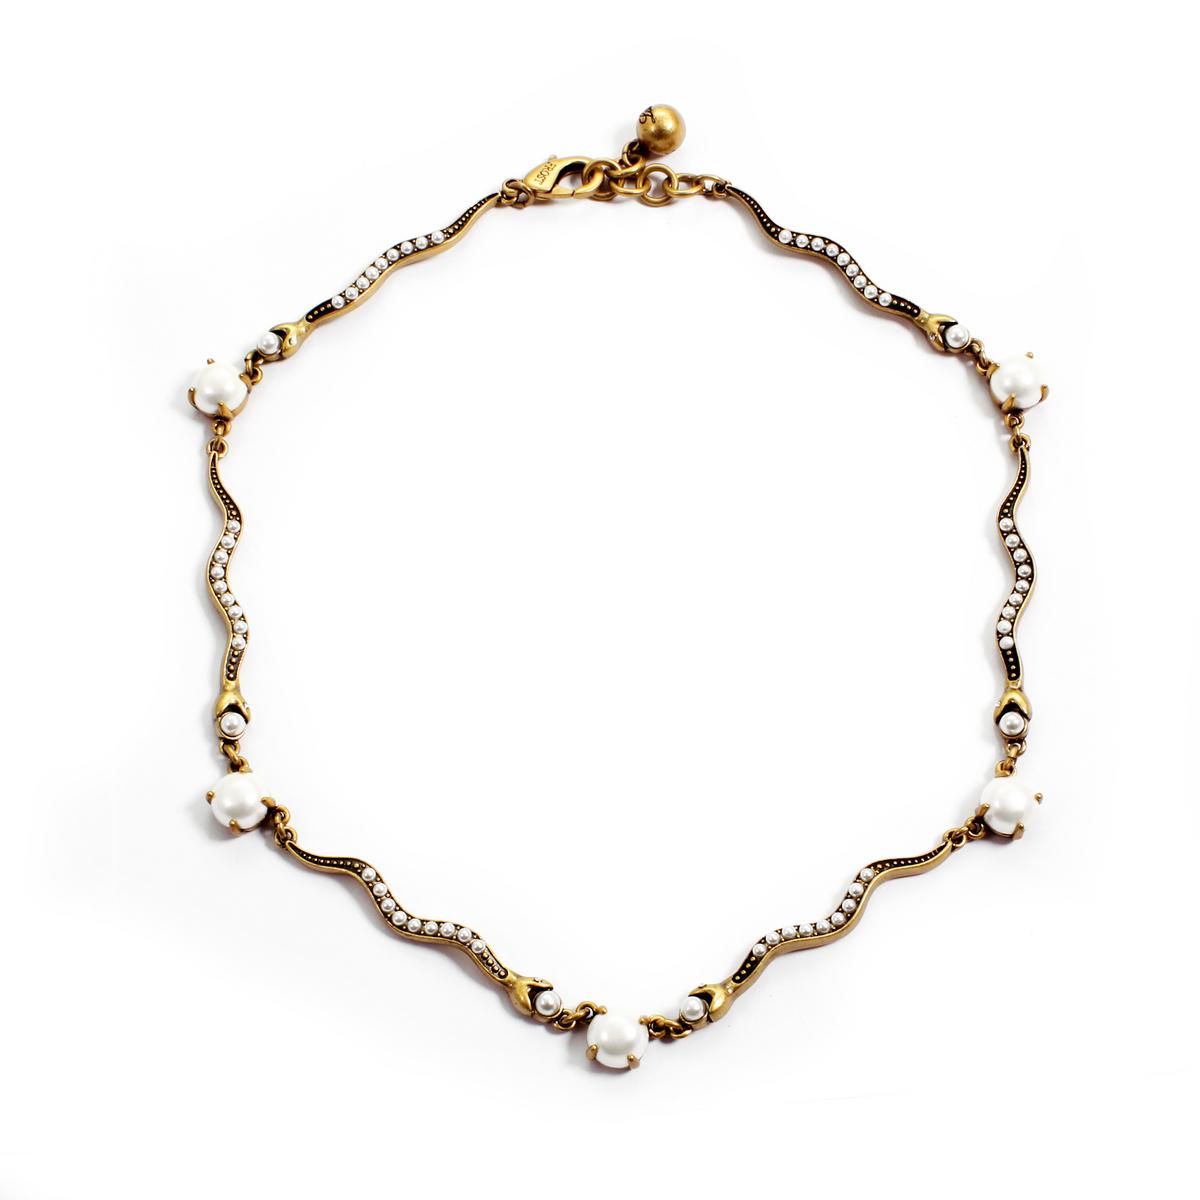 Lulu frost Serpentine Necklace in Metallic | Lyst  Lulu frost Serp...